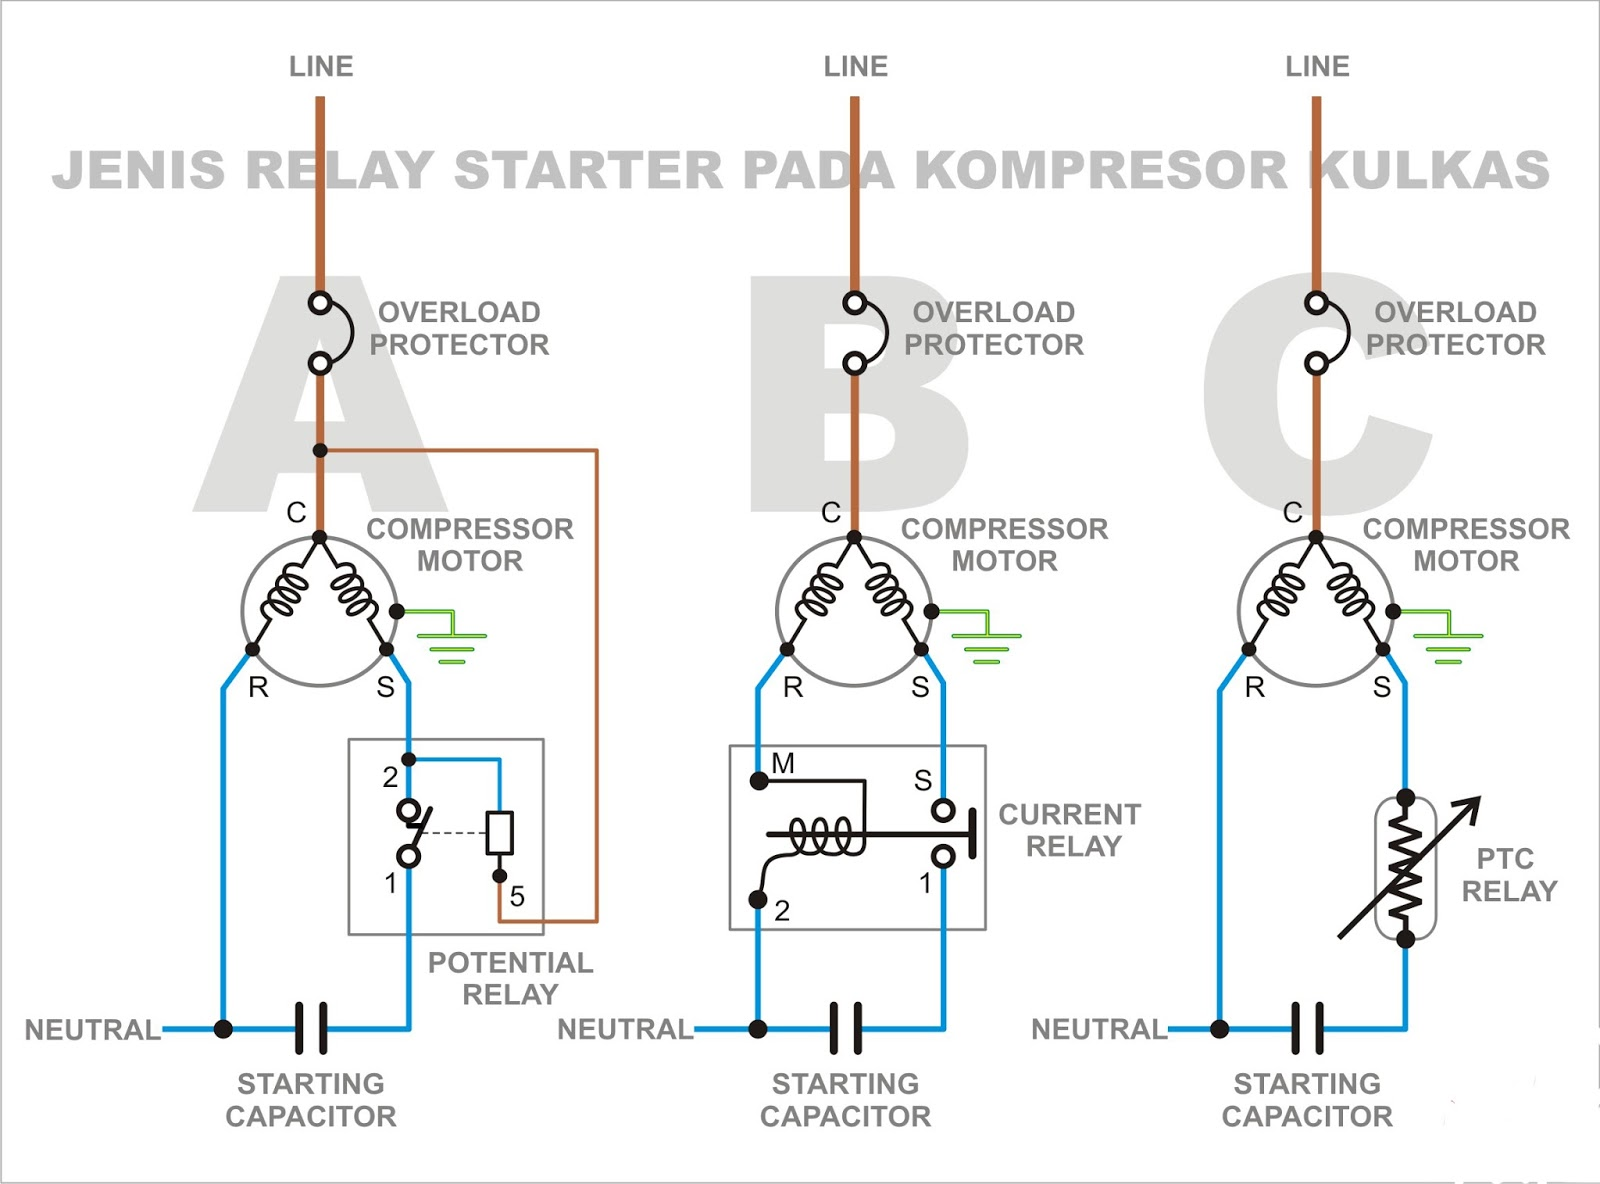 Pleasant Ptc Condensing Unit Wiring Diagram Wiring Diagram Wiring Digital Resources Indicompassionincorg